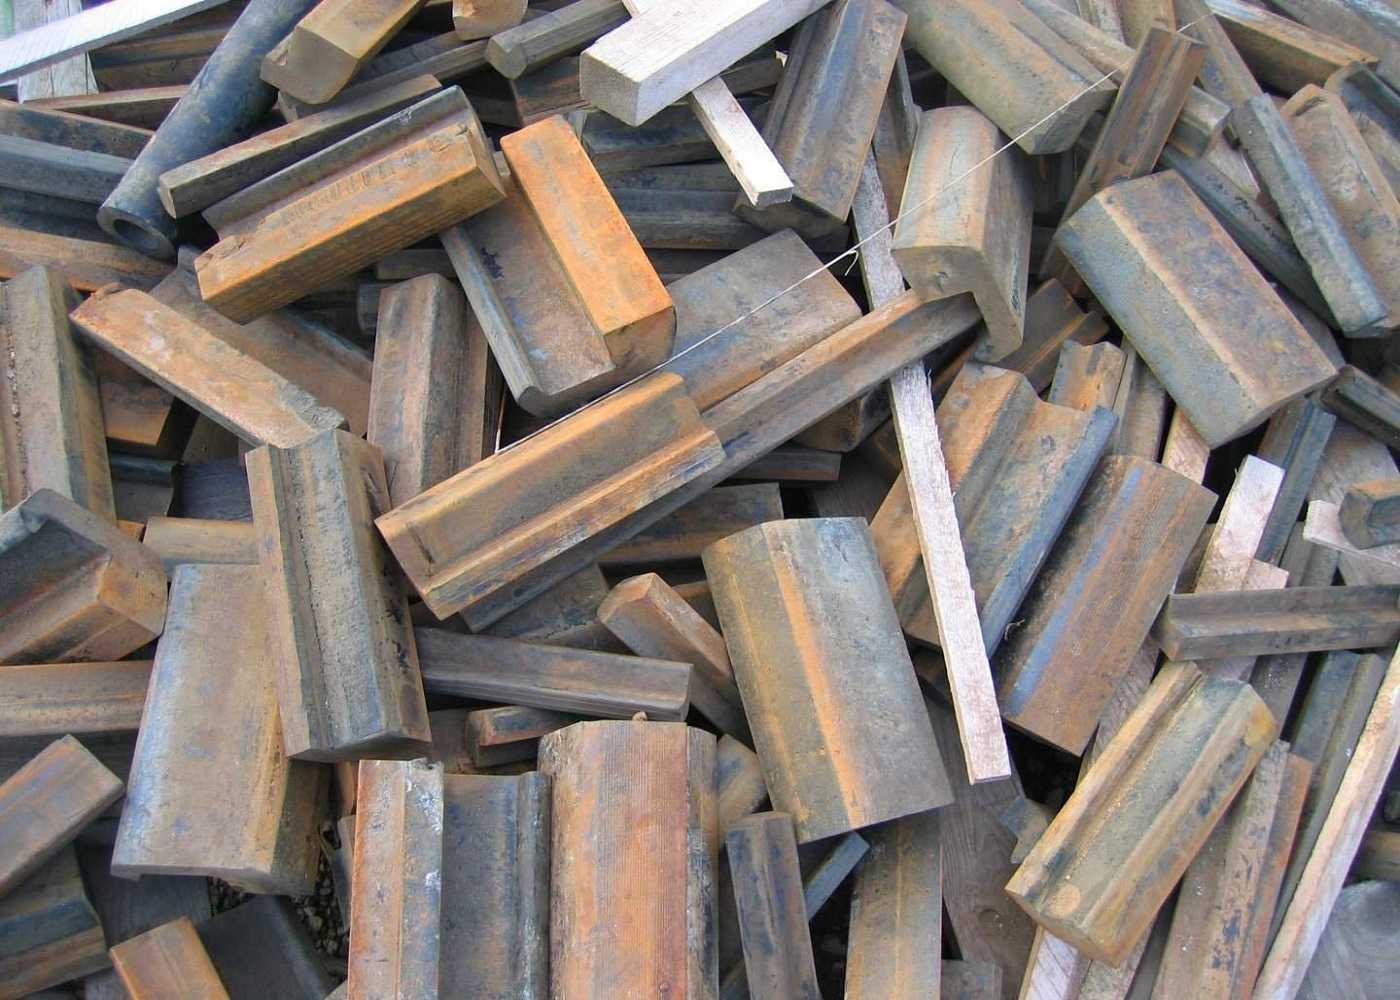 Металл, порезанный в габарит - типичный представитель категории 3А